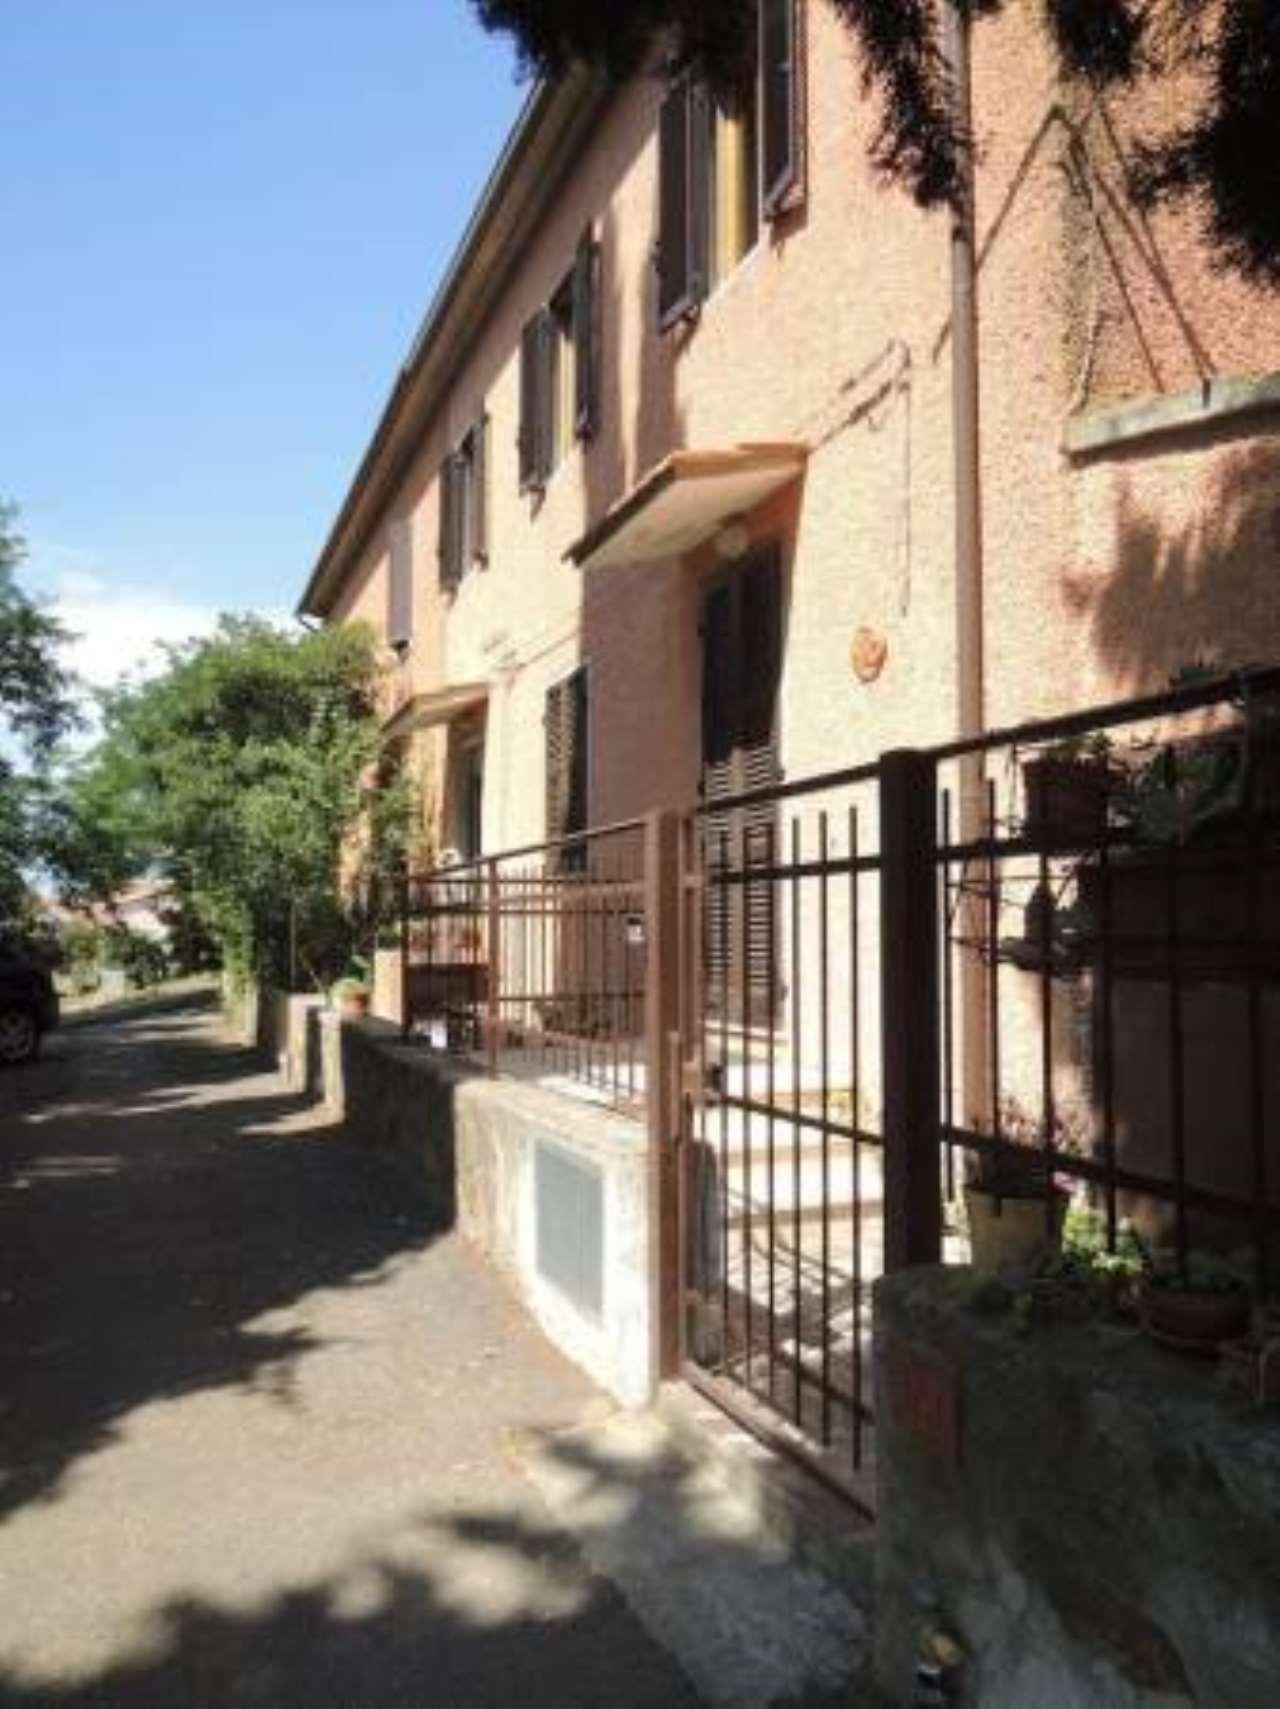 Appartamento 4 Vani  fraz. di  Montiano  (Magliano in Toscana)  - vendita anche affitto con riscatto